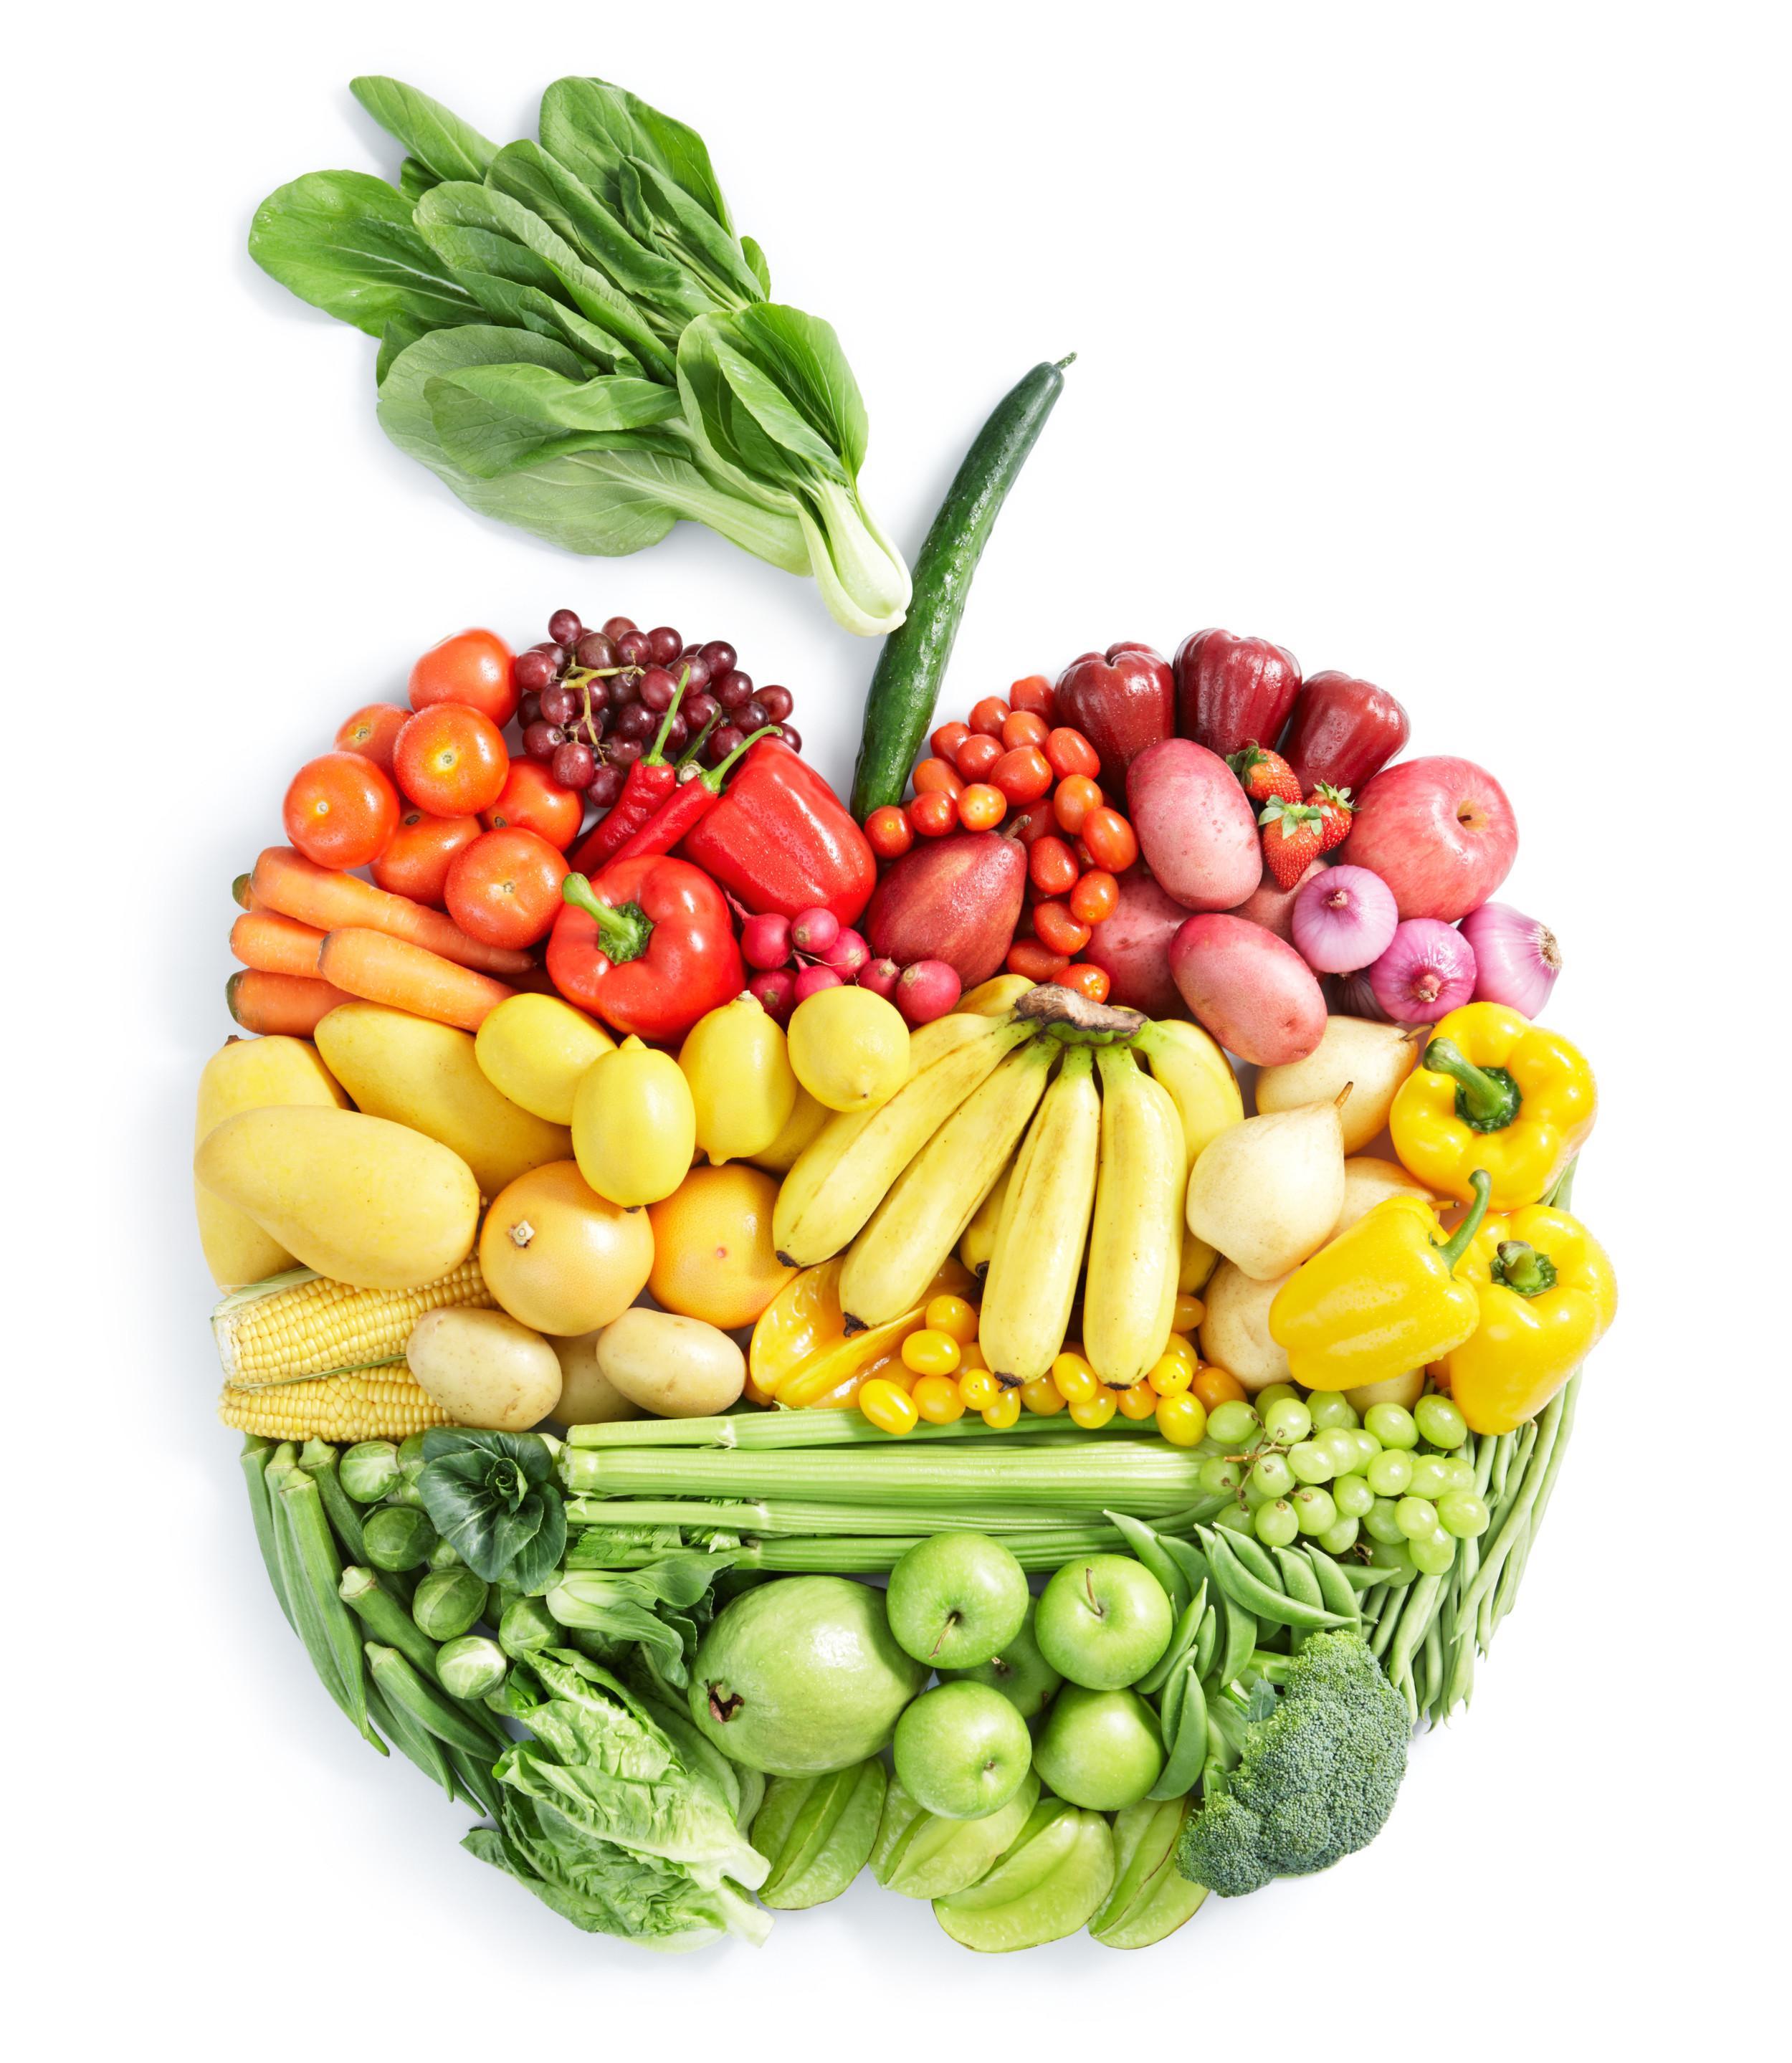 FRESH START NUTRITION CONSULT VIA SKYPE